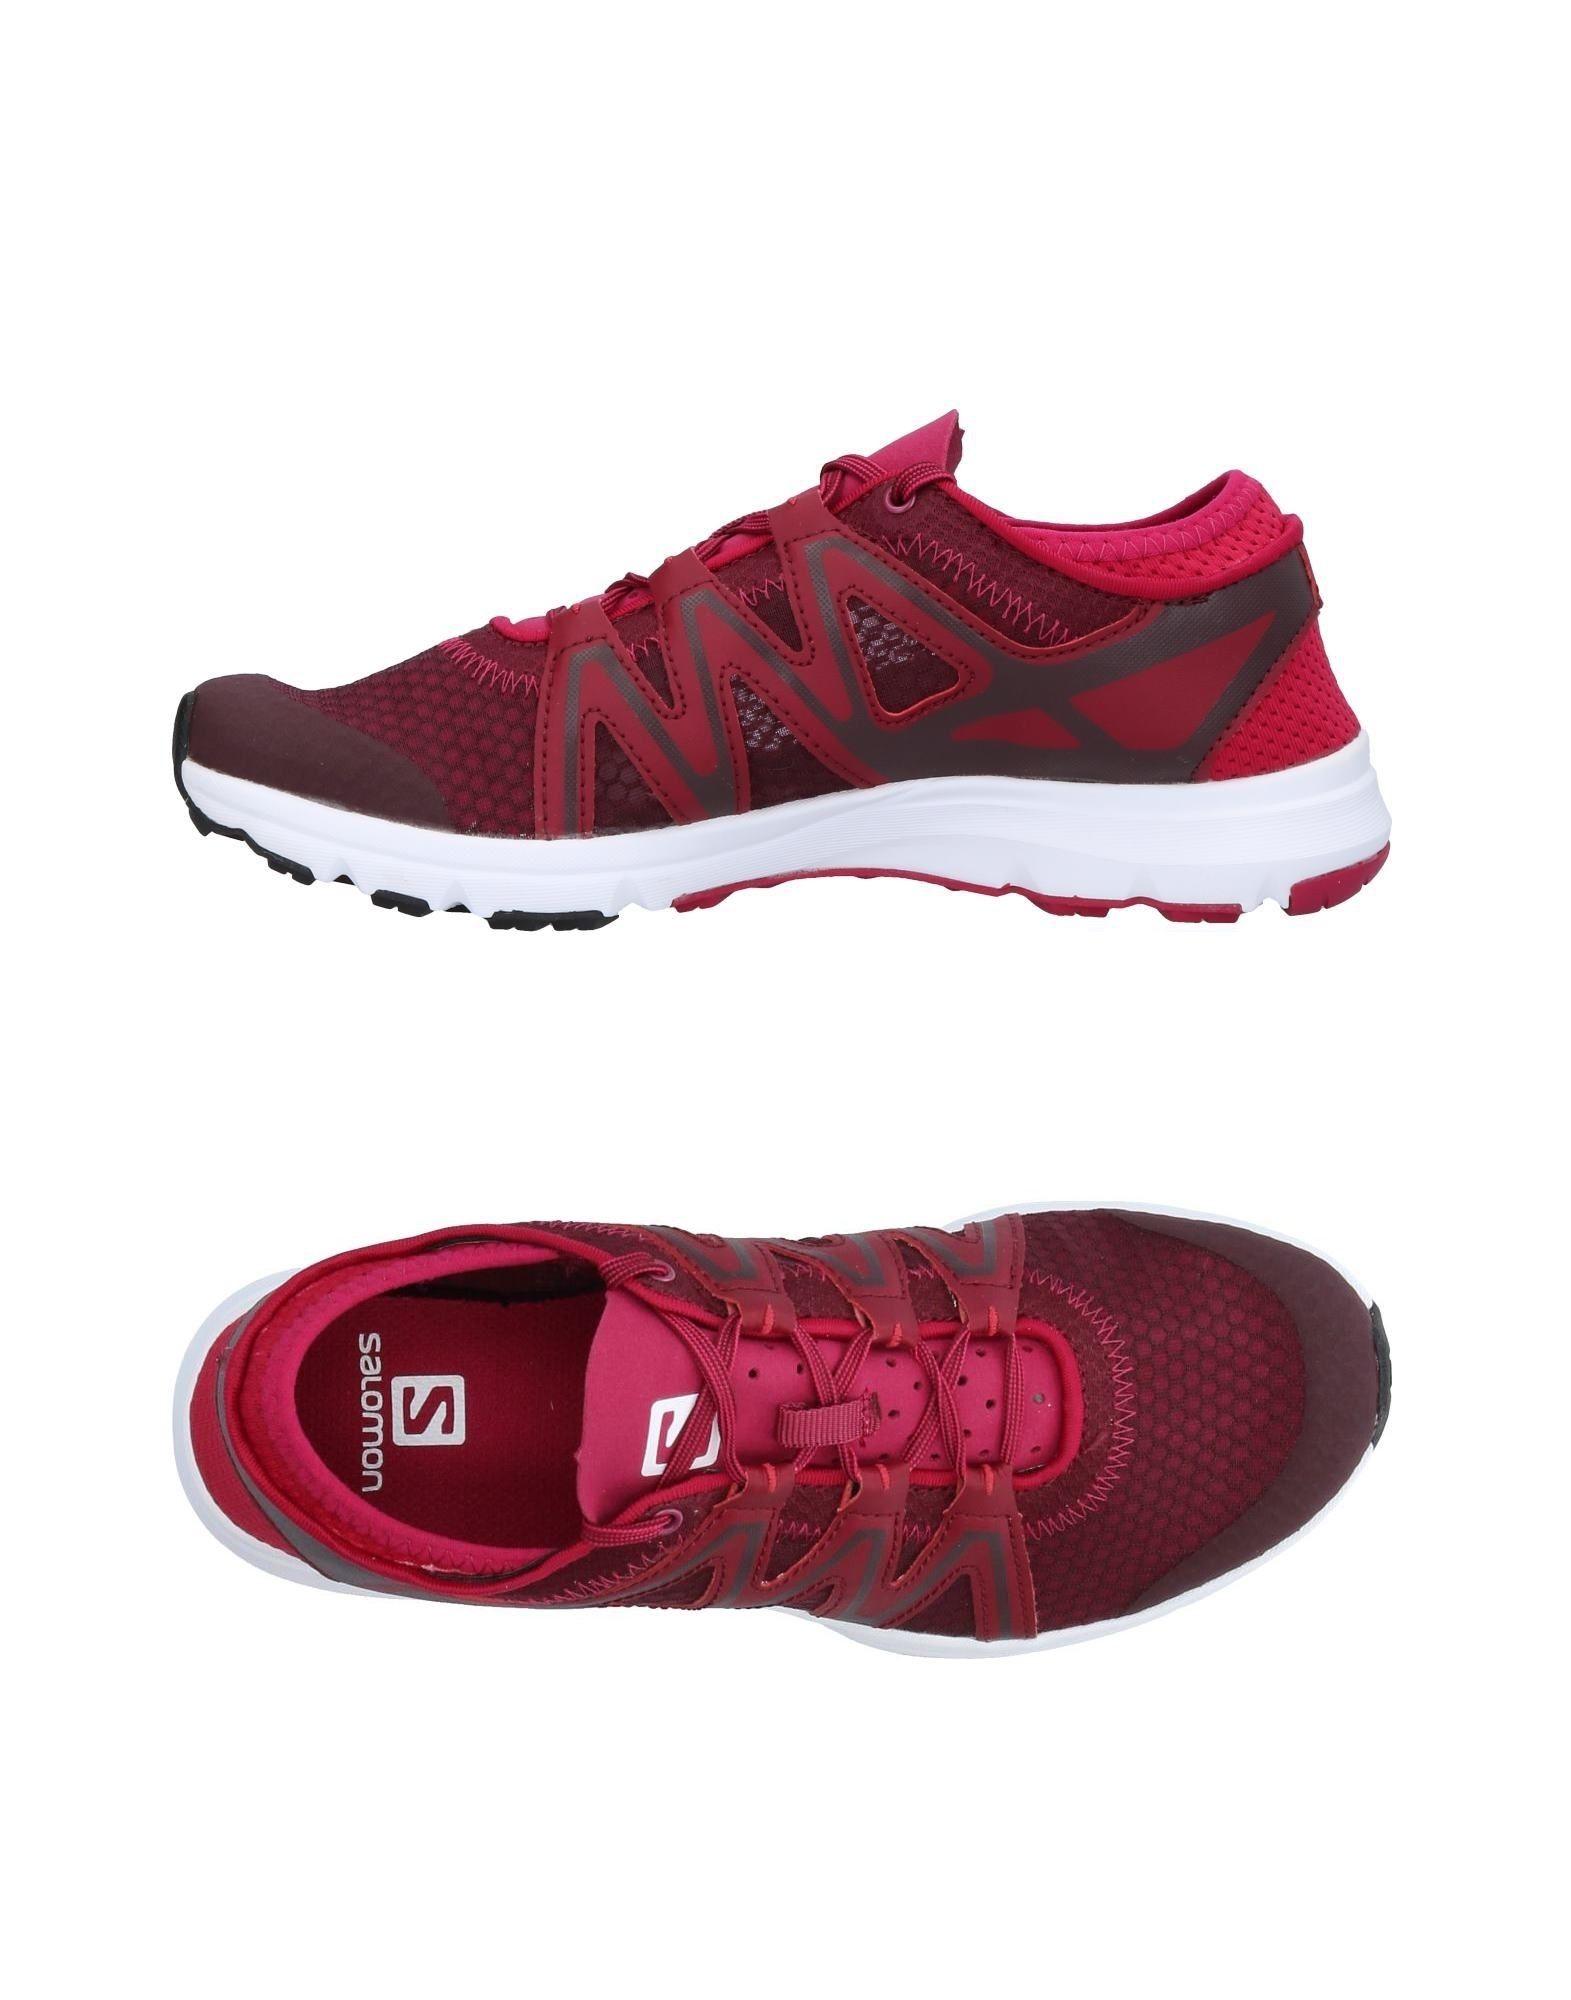 Salomon Sneakers - Women Salomon Sneakers online on   on United Kingdom - 11399486DE 4063bf